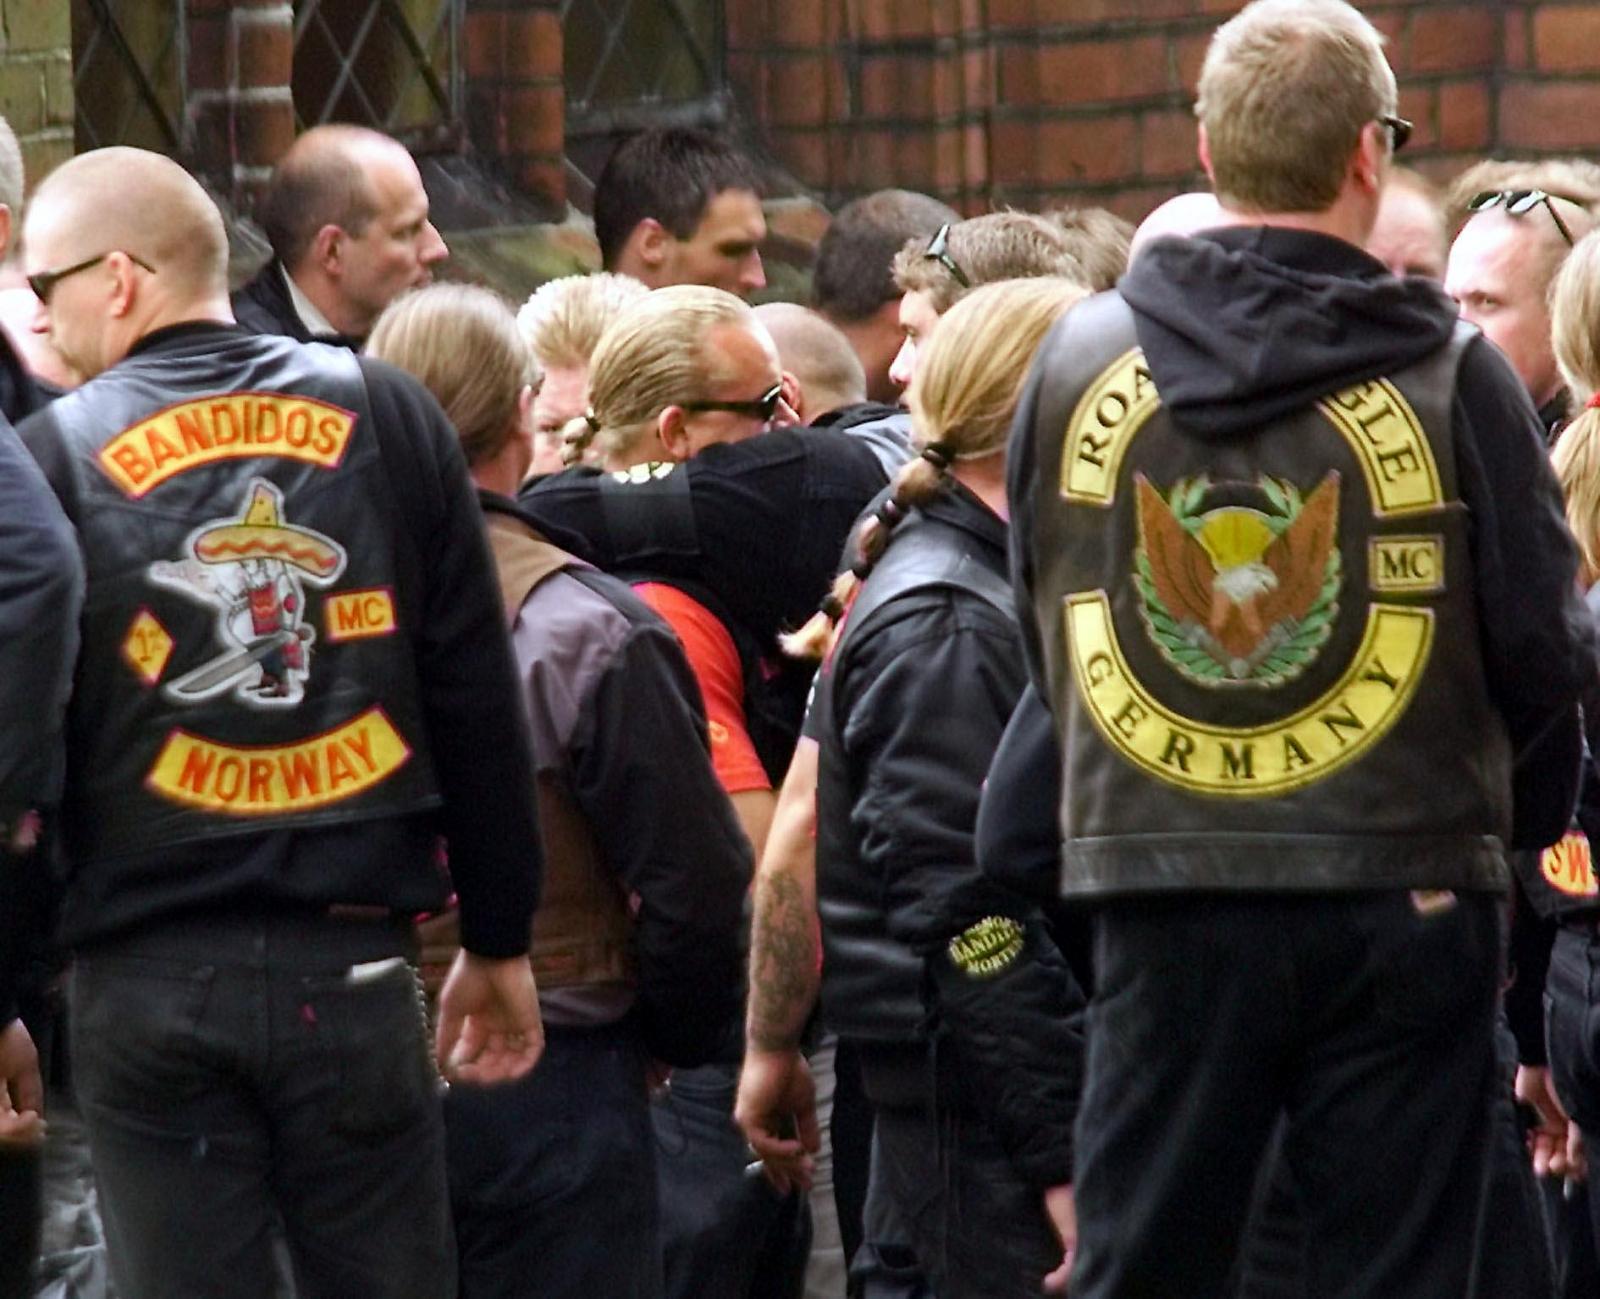 Scandinavian members of the Bandidos gang (Getty)